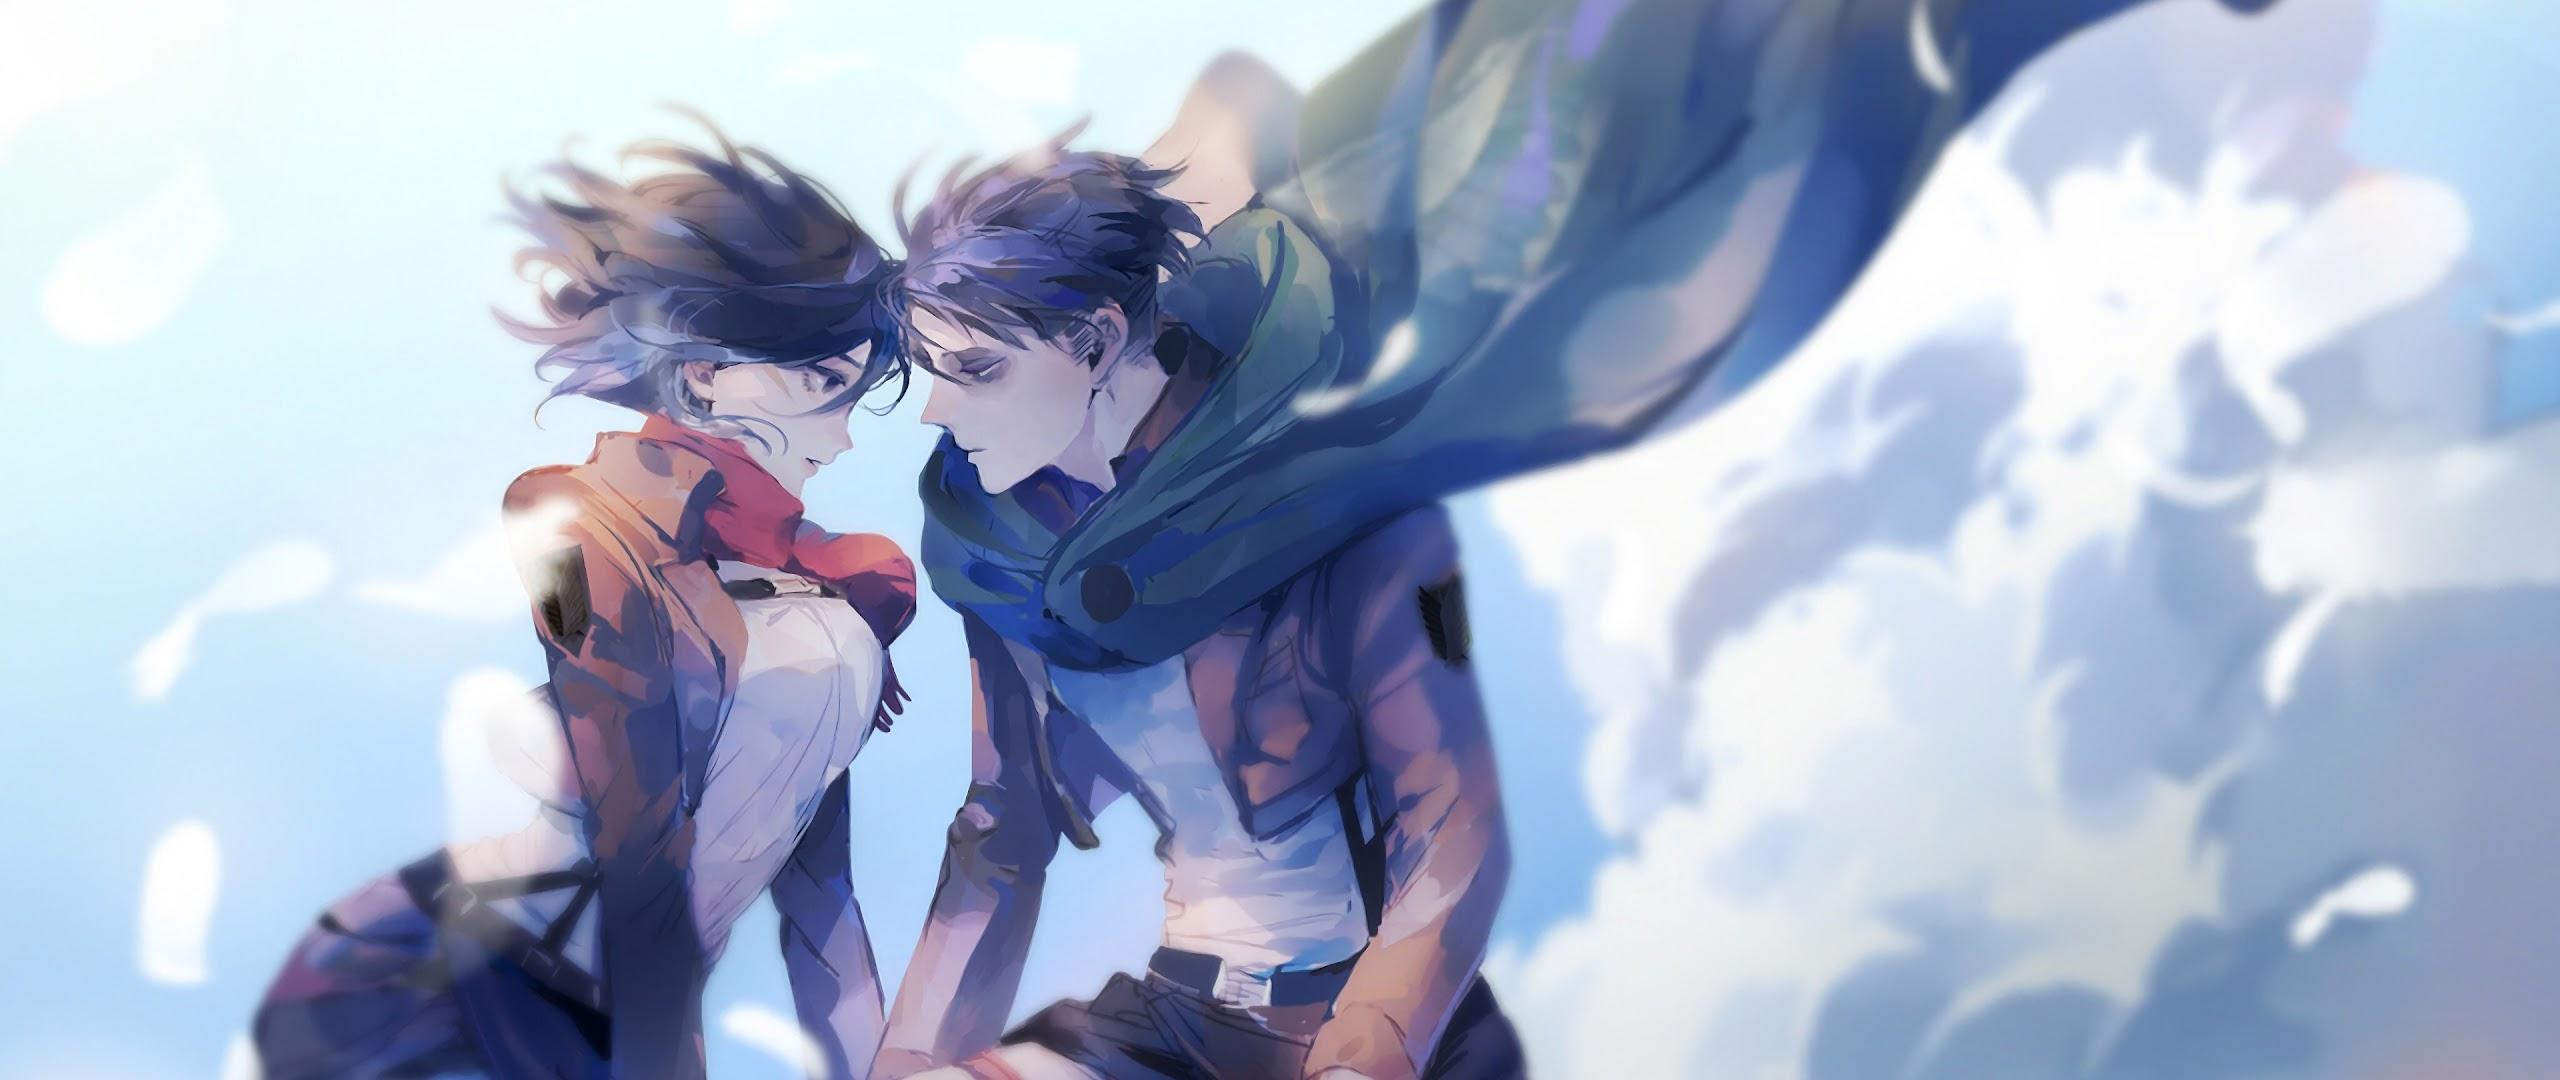 Mikasa and Levi, Attack on Titan, 4K, #156 Wallpaper